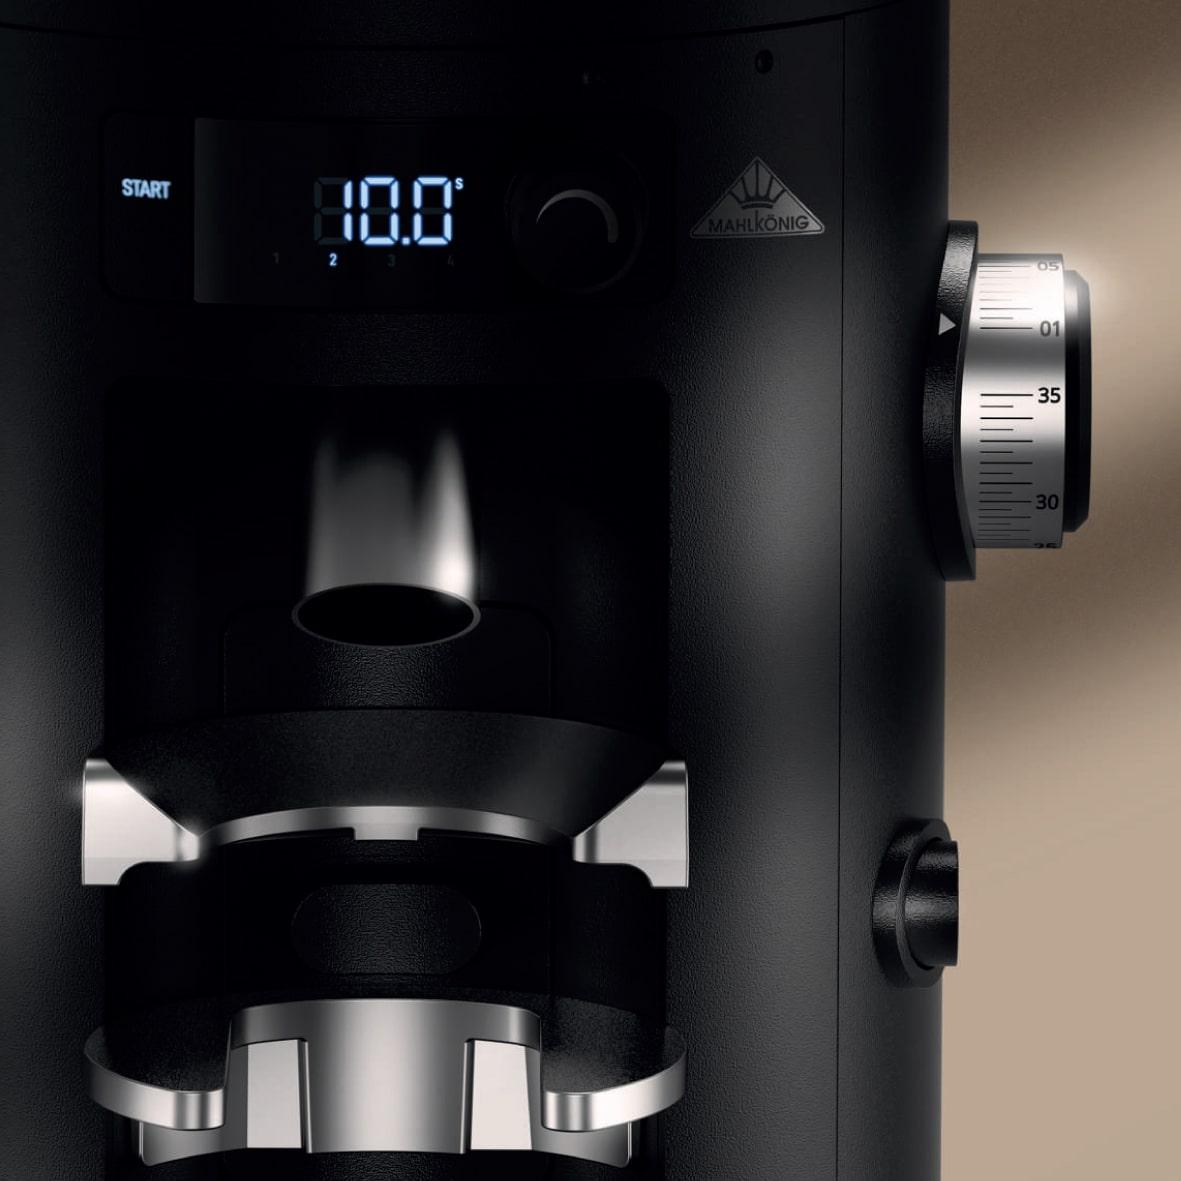 Programowianie i ustawianie młynka do kawy Specjalne żarna młynka do kawy Mahlkönig X54